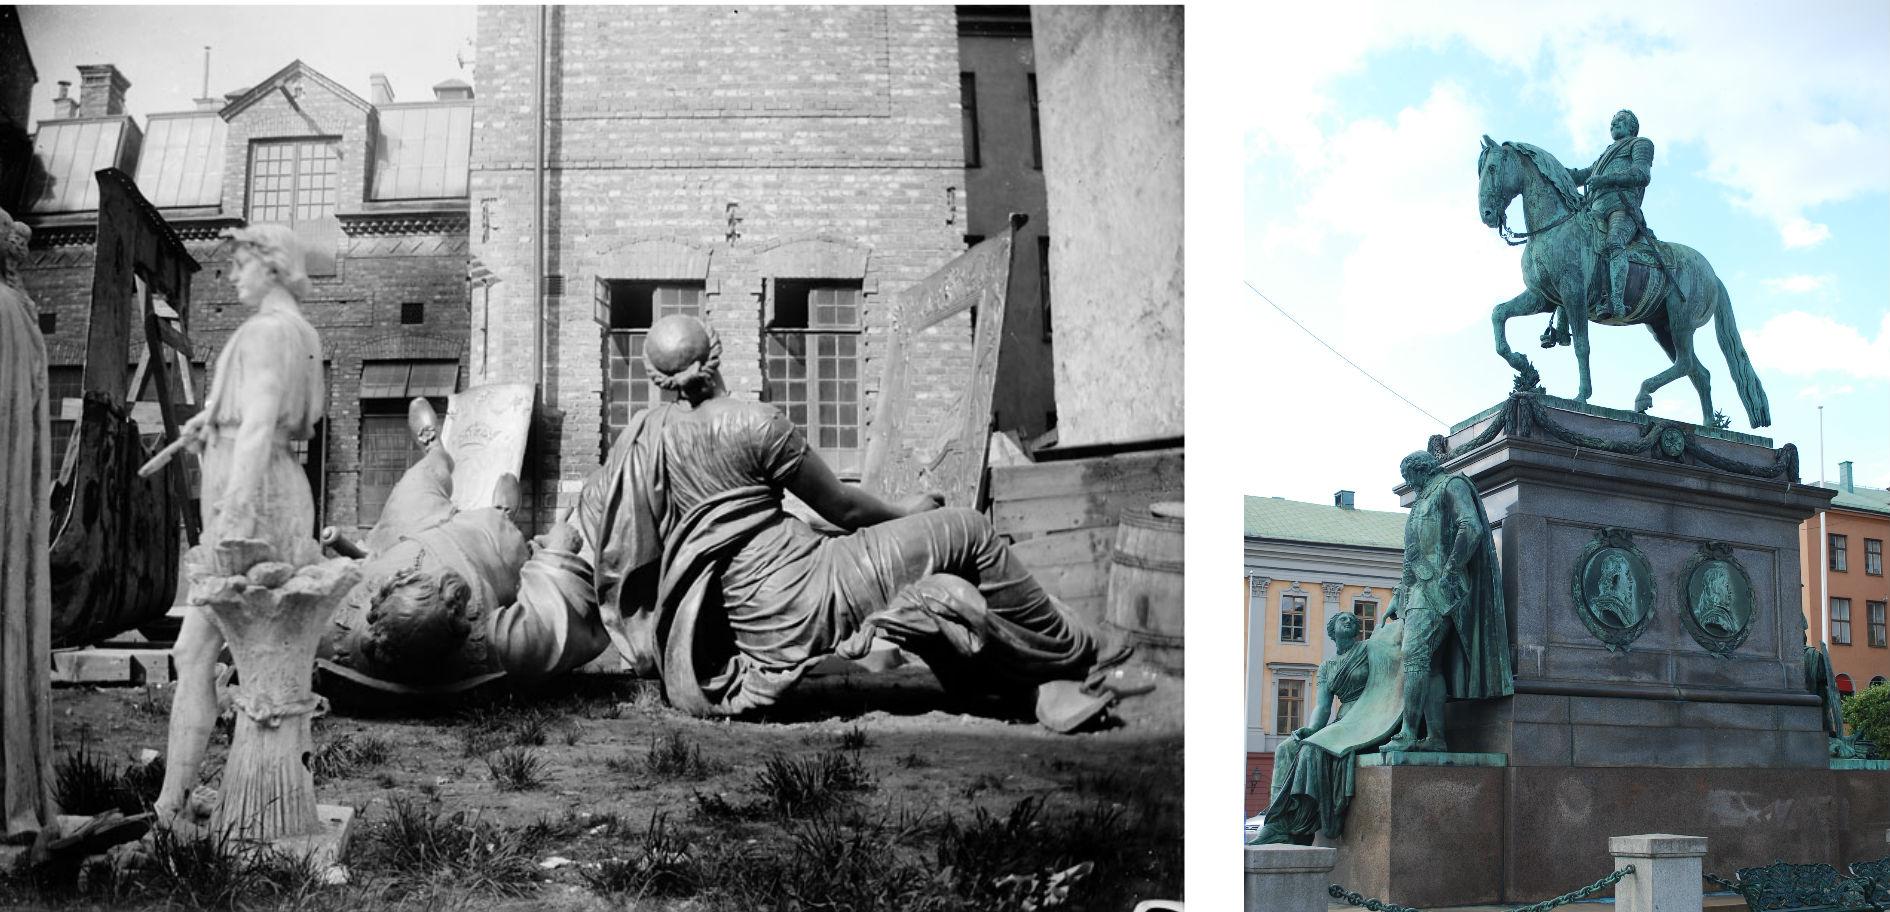 Till vänster: Sergels figurer Clio och Oxenstierna på gjuteriets gård. Foto: Stockholms Stadsmuseum. Till höger: Gustav II Adolfs staty framför Operan, på sockeln syns figurerna som till vänster ännu ligger vilande på marken. Foto av .